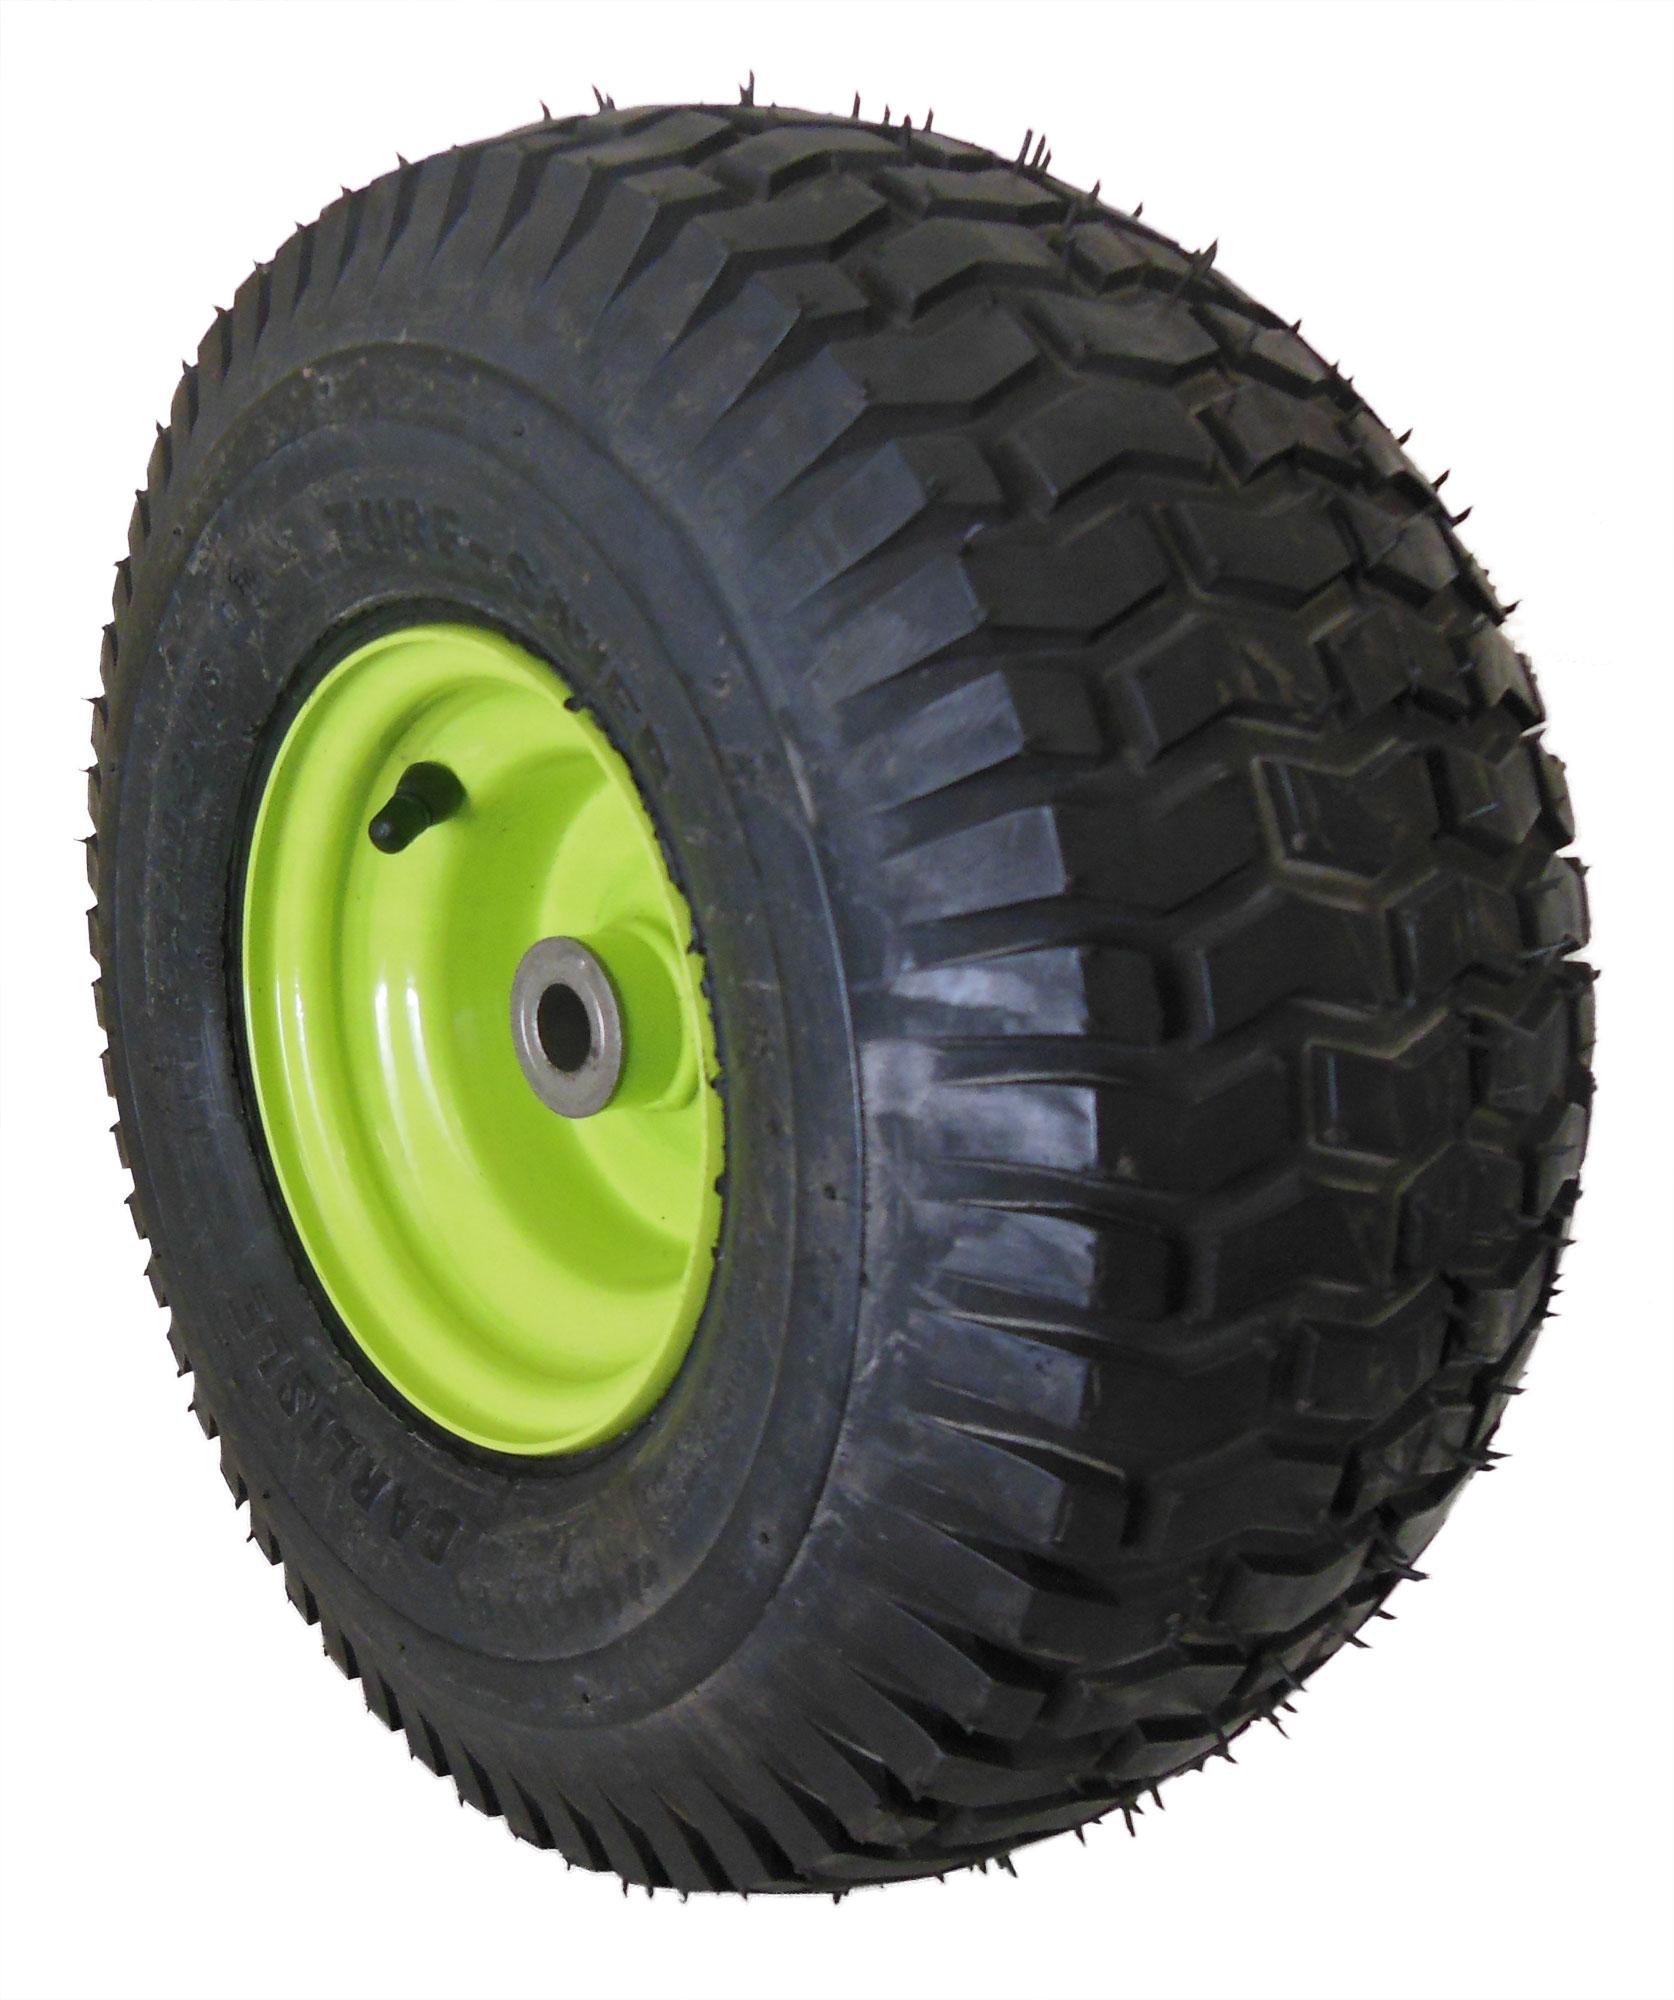 John Deere Garden Tractor Tires : New lawn mower garden tractor tire rim wheel